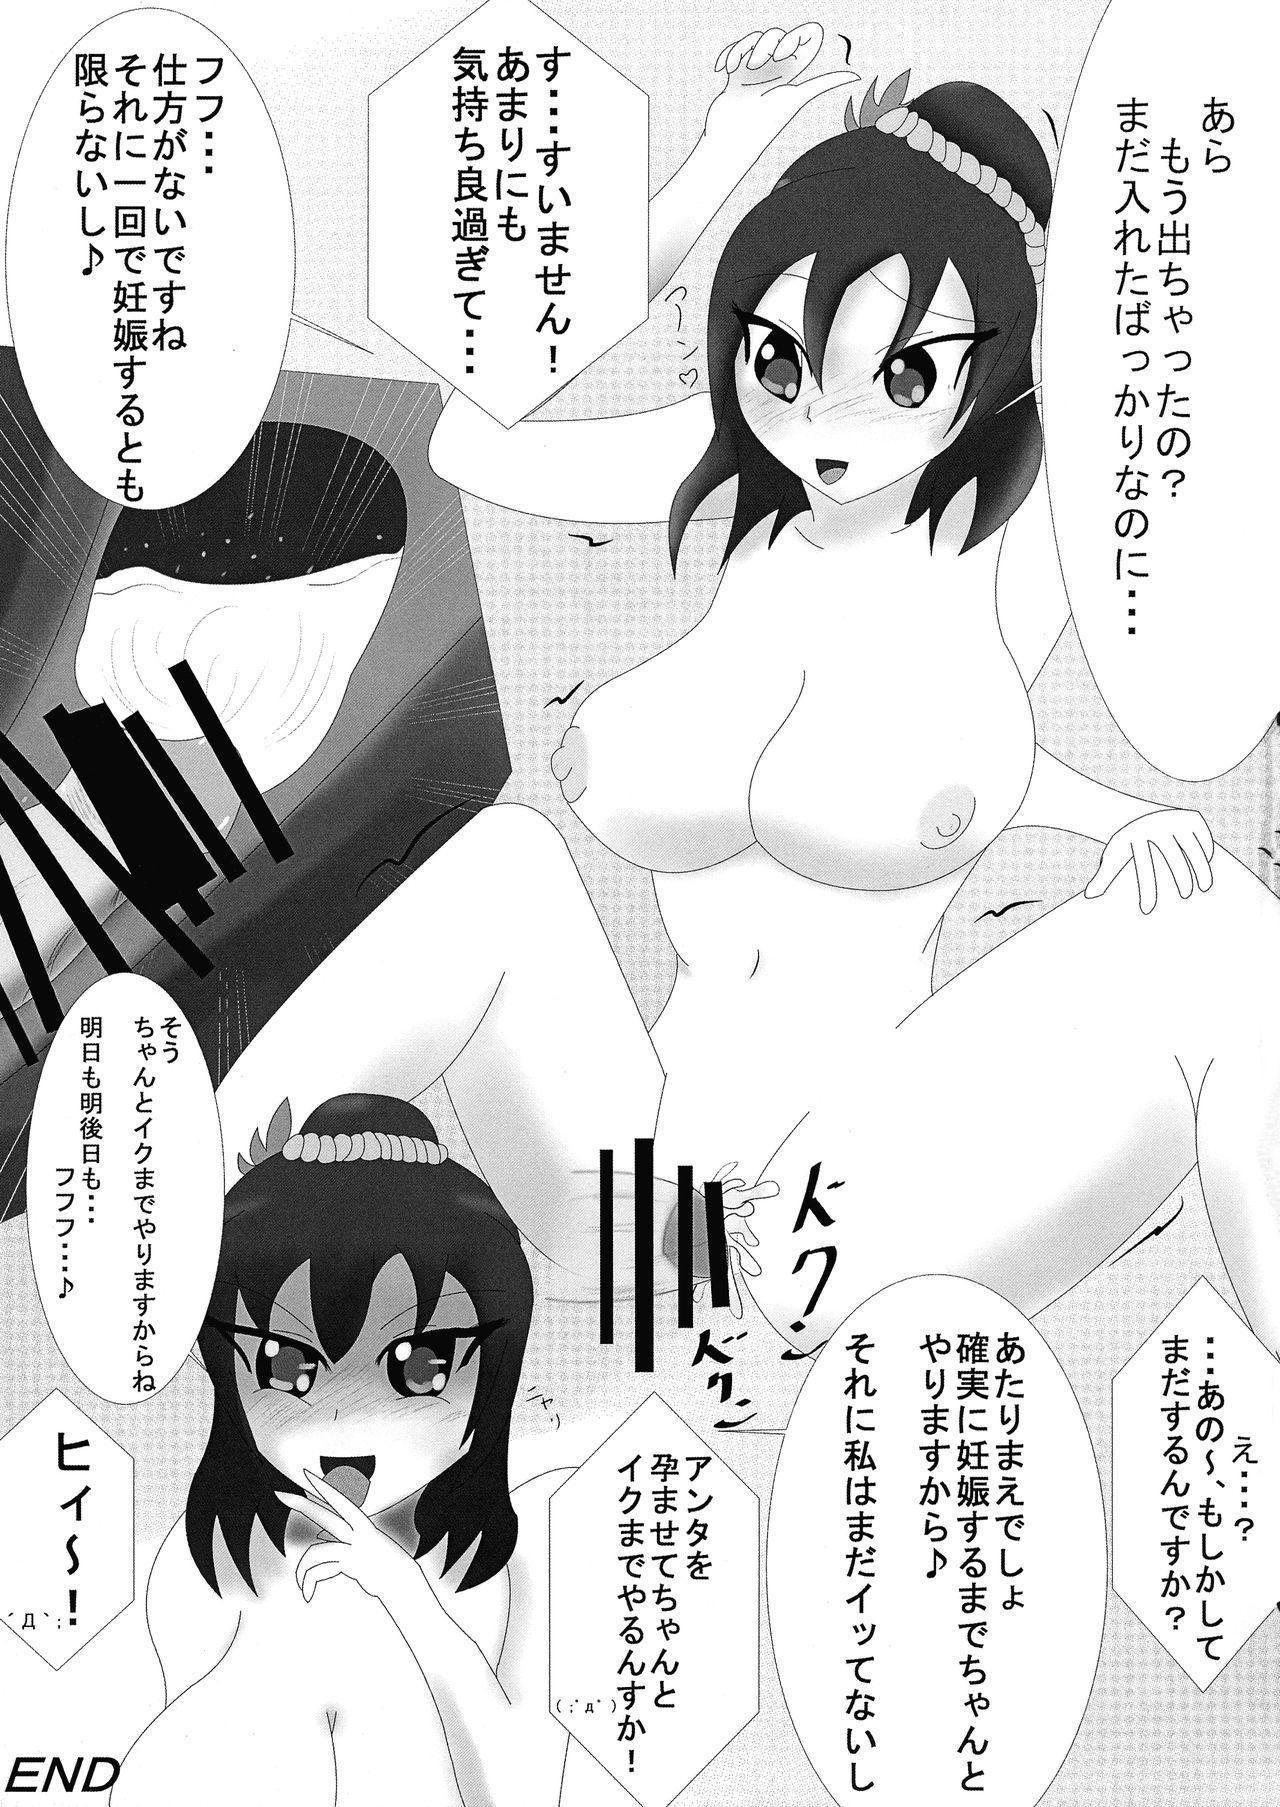 Reimu-chan ga Minna ni Shiboritorareru Hon Itsukame 50